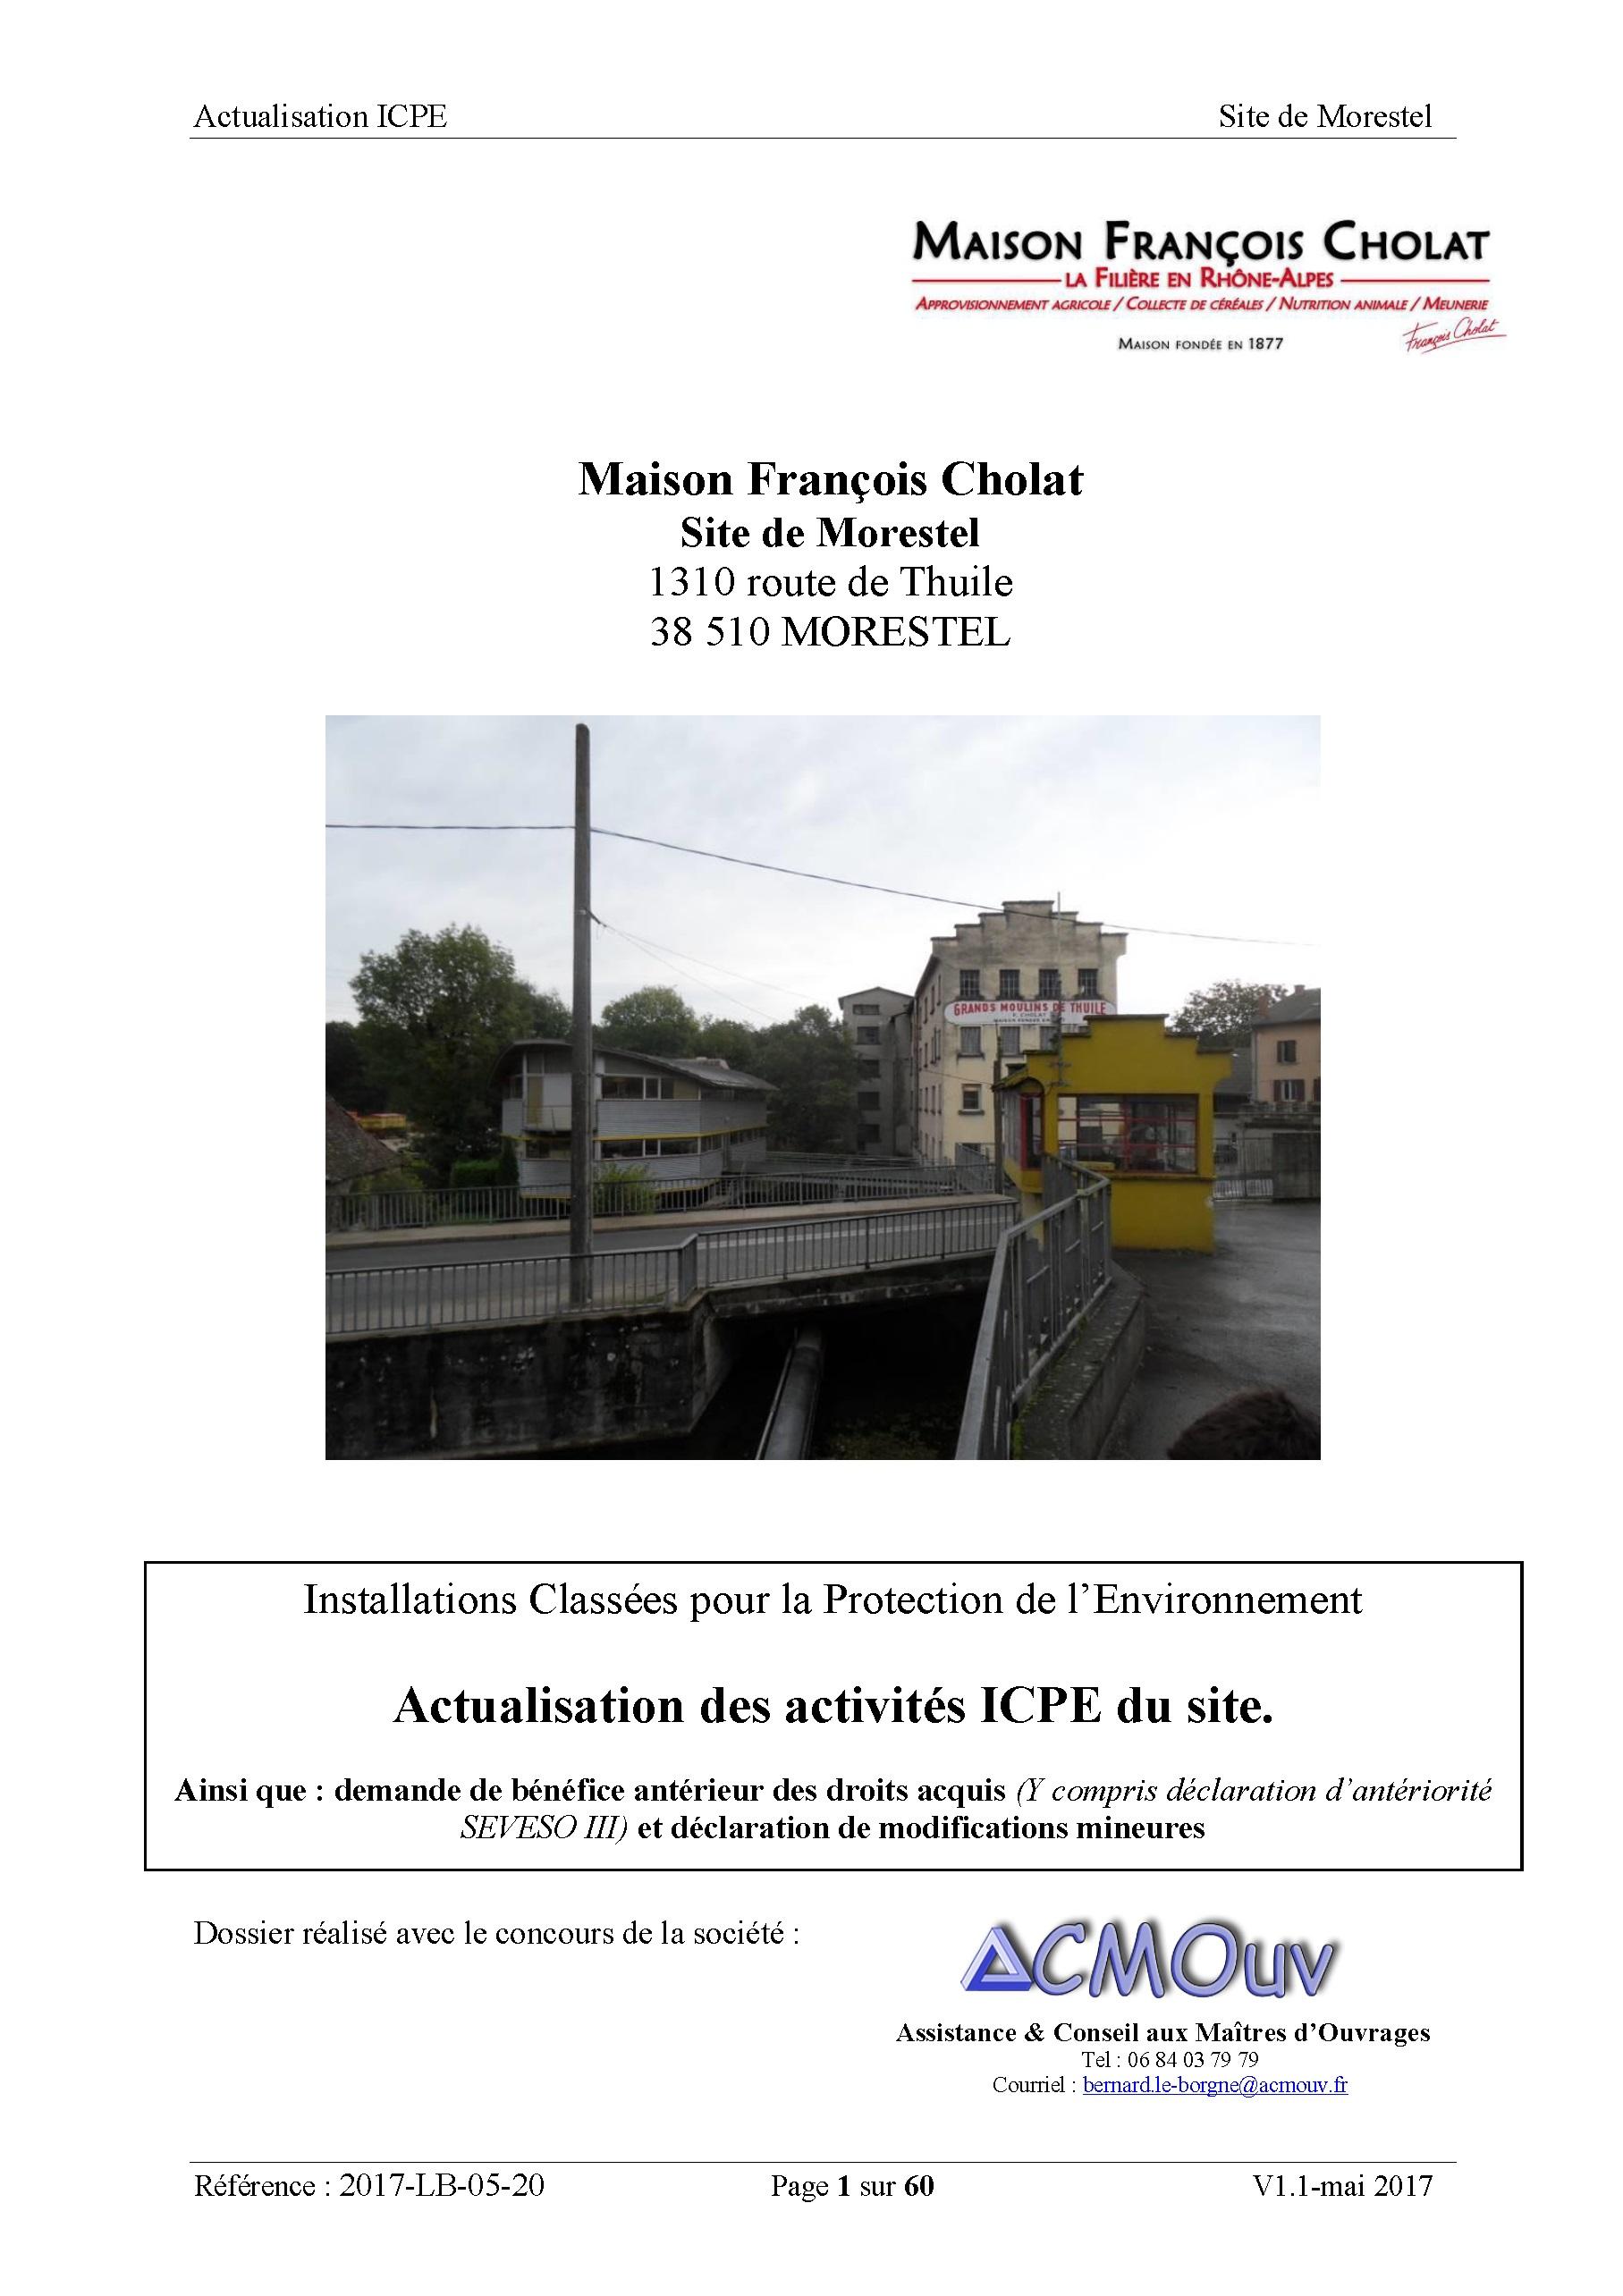 ICPE dossier récapitulatif